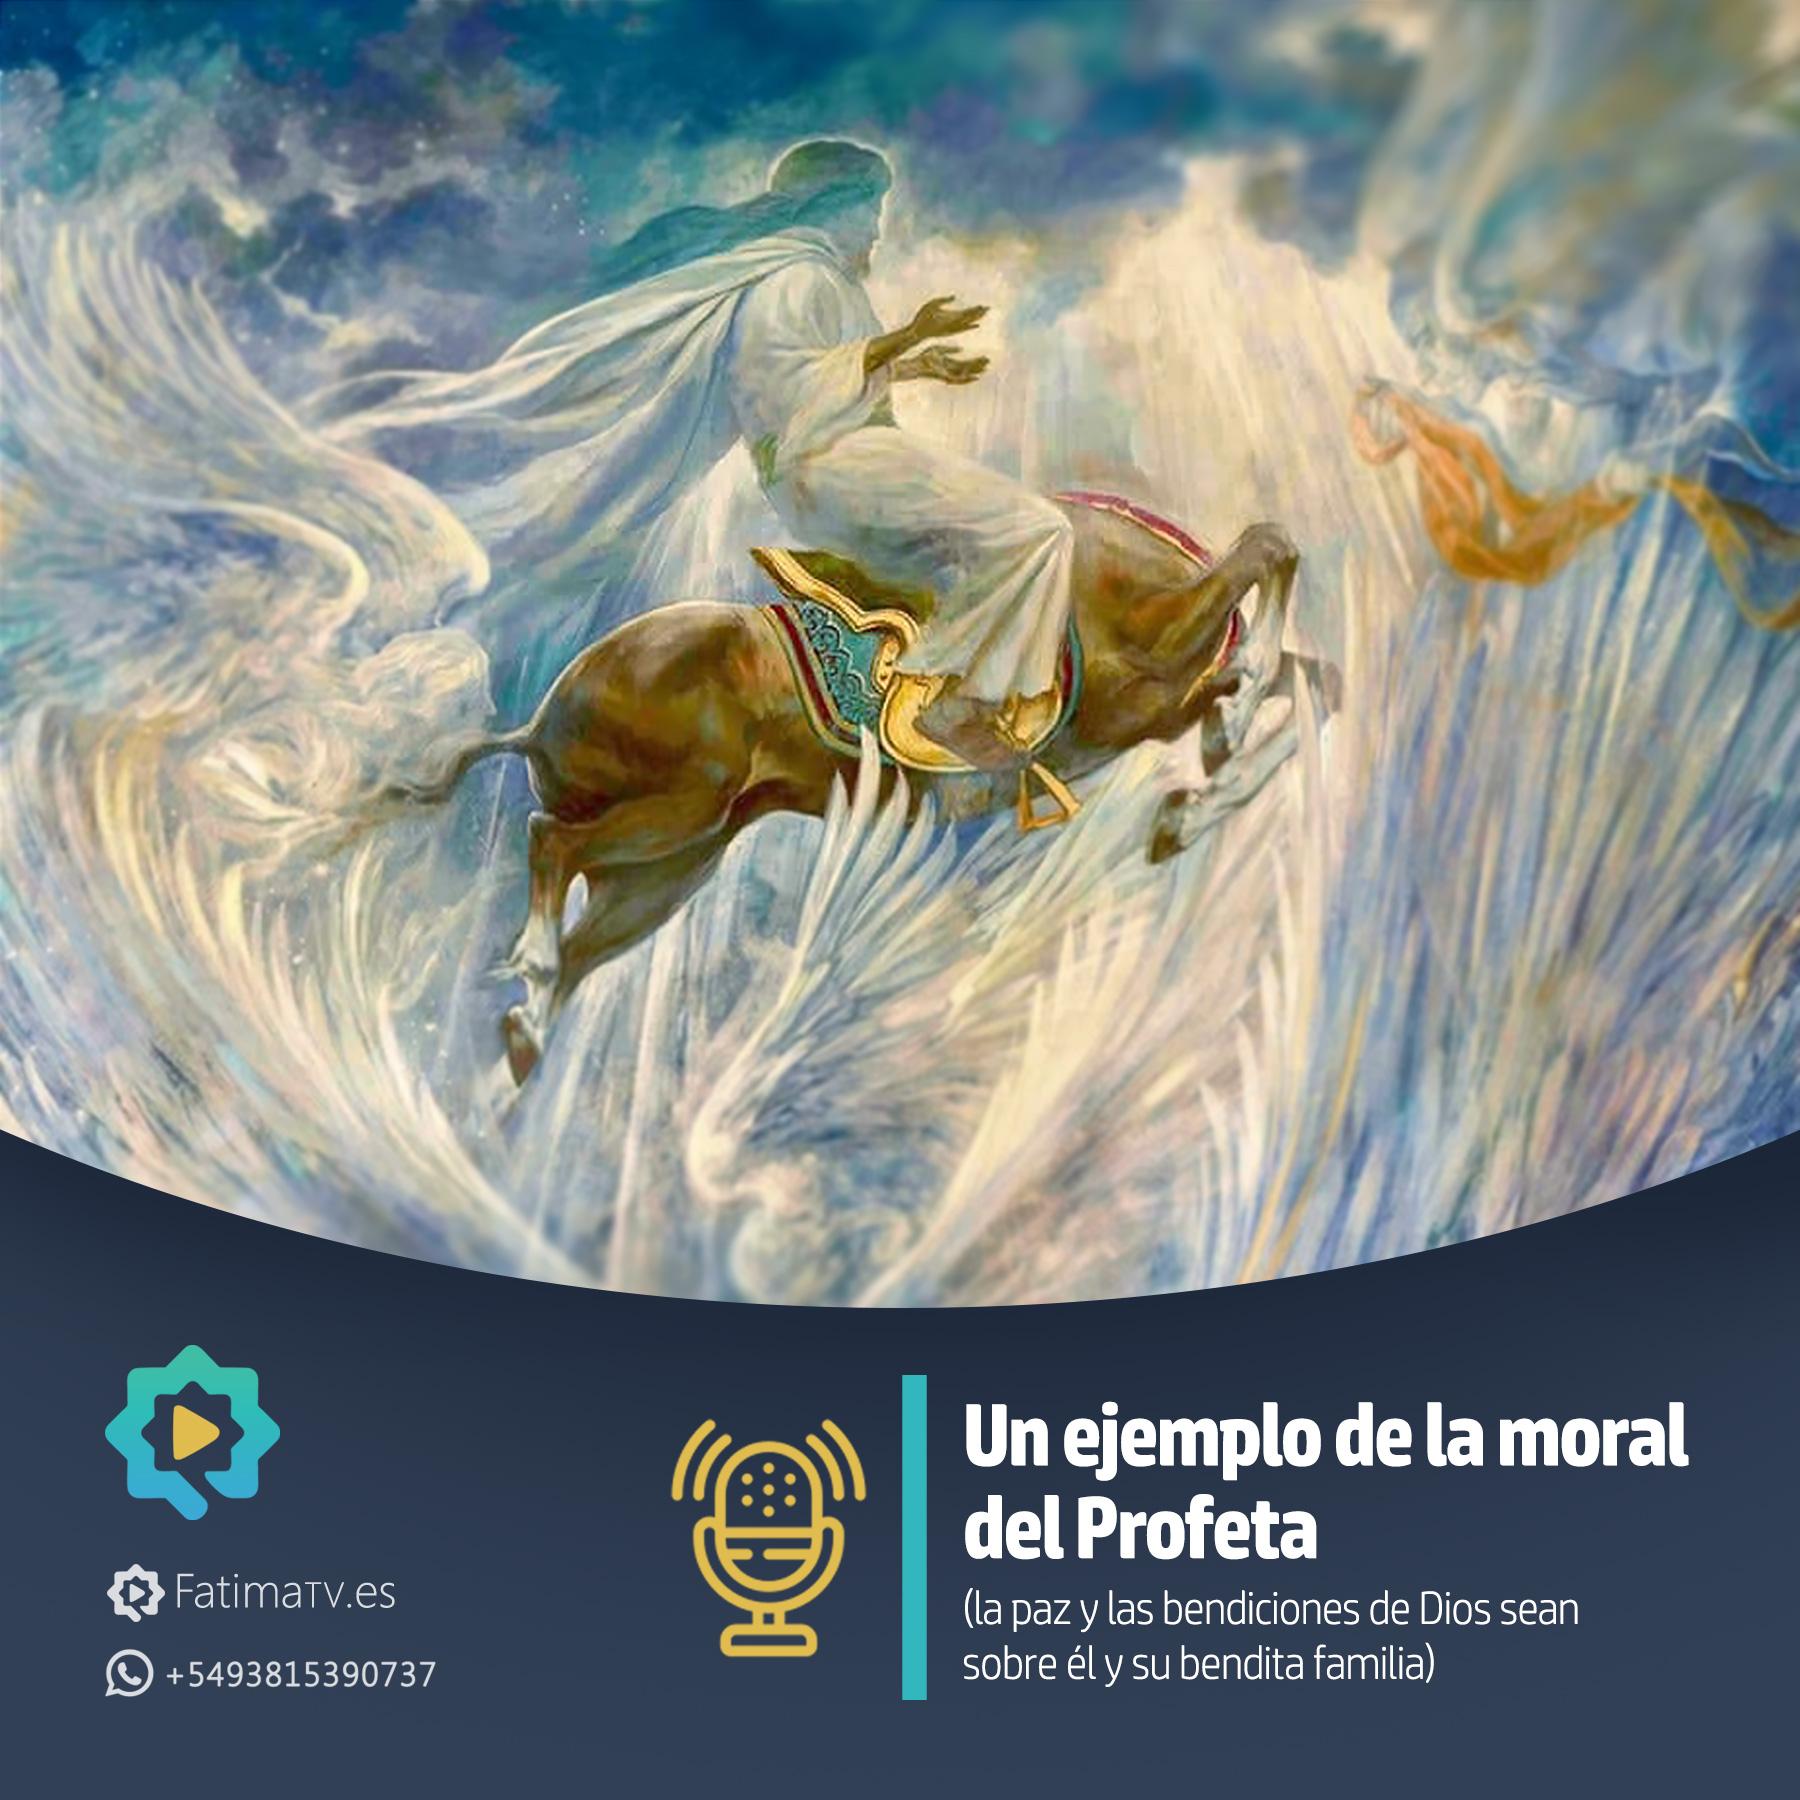 Un ejemplo de la moral del Profeta